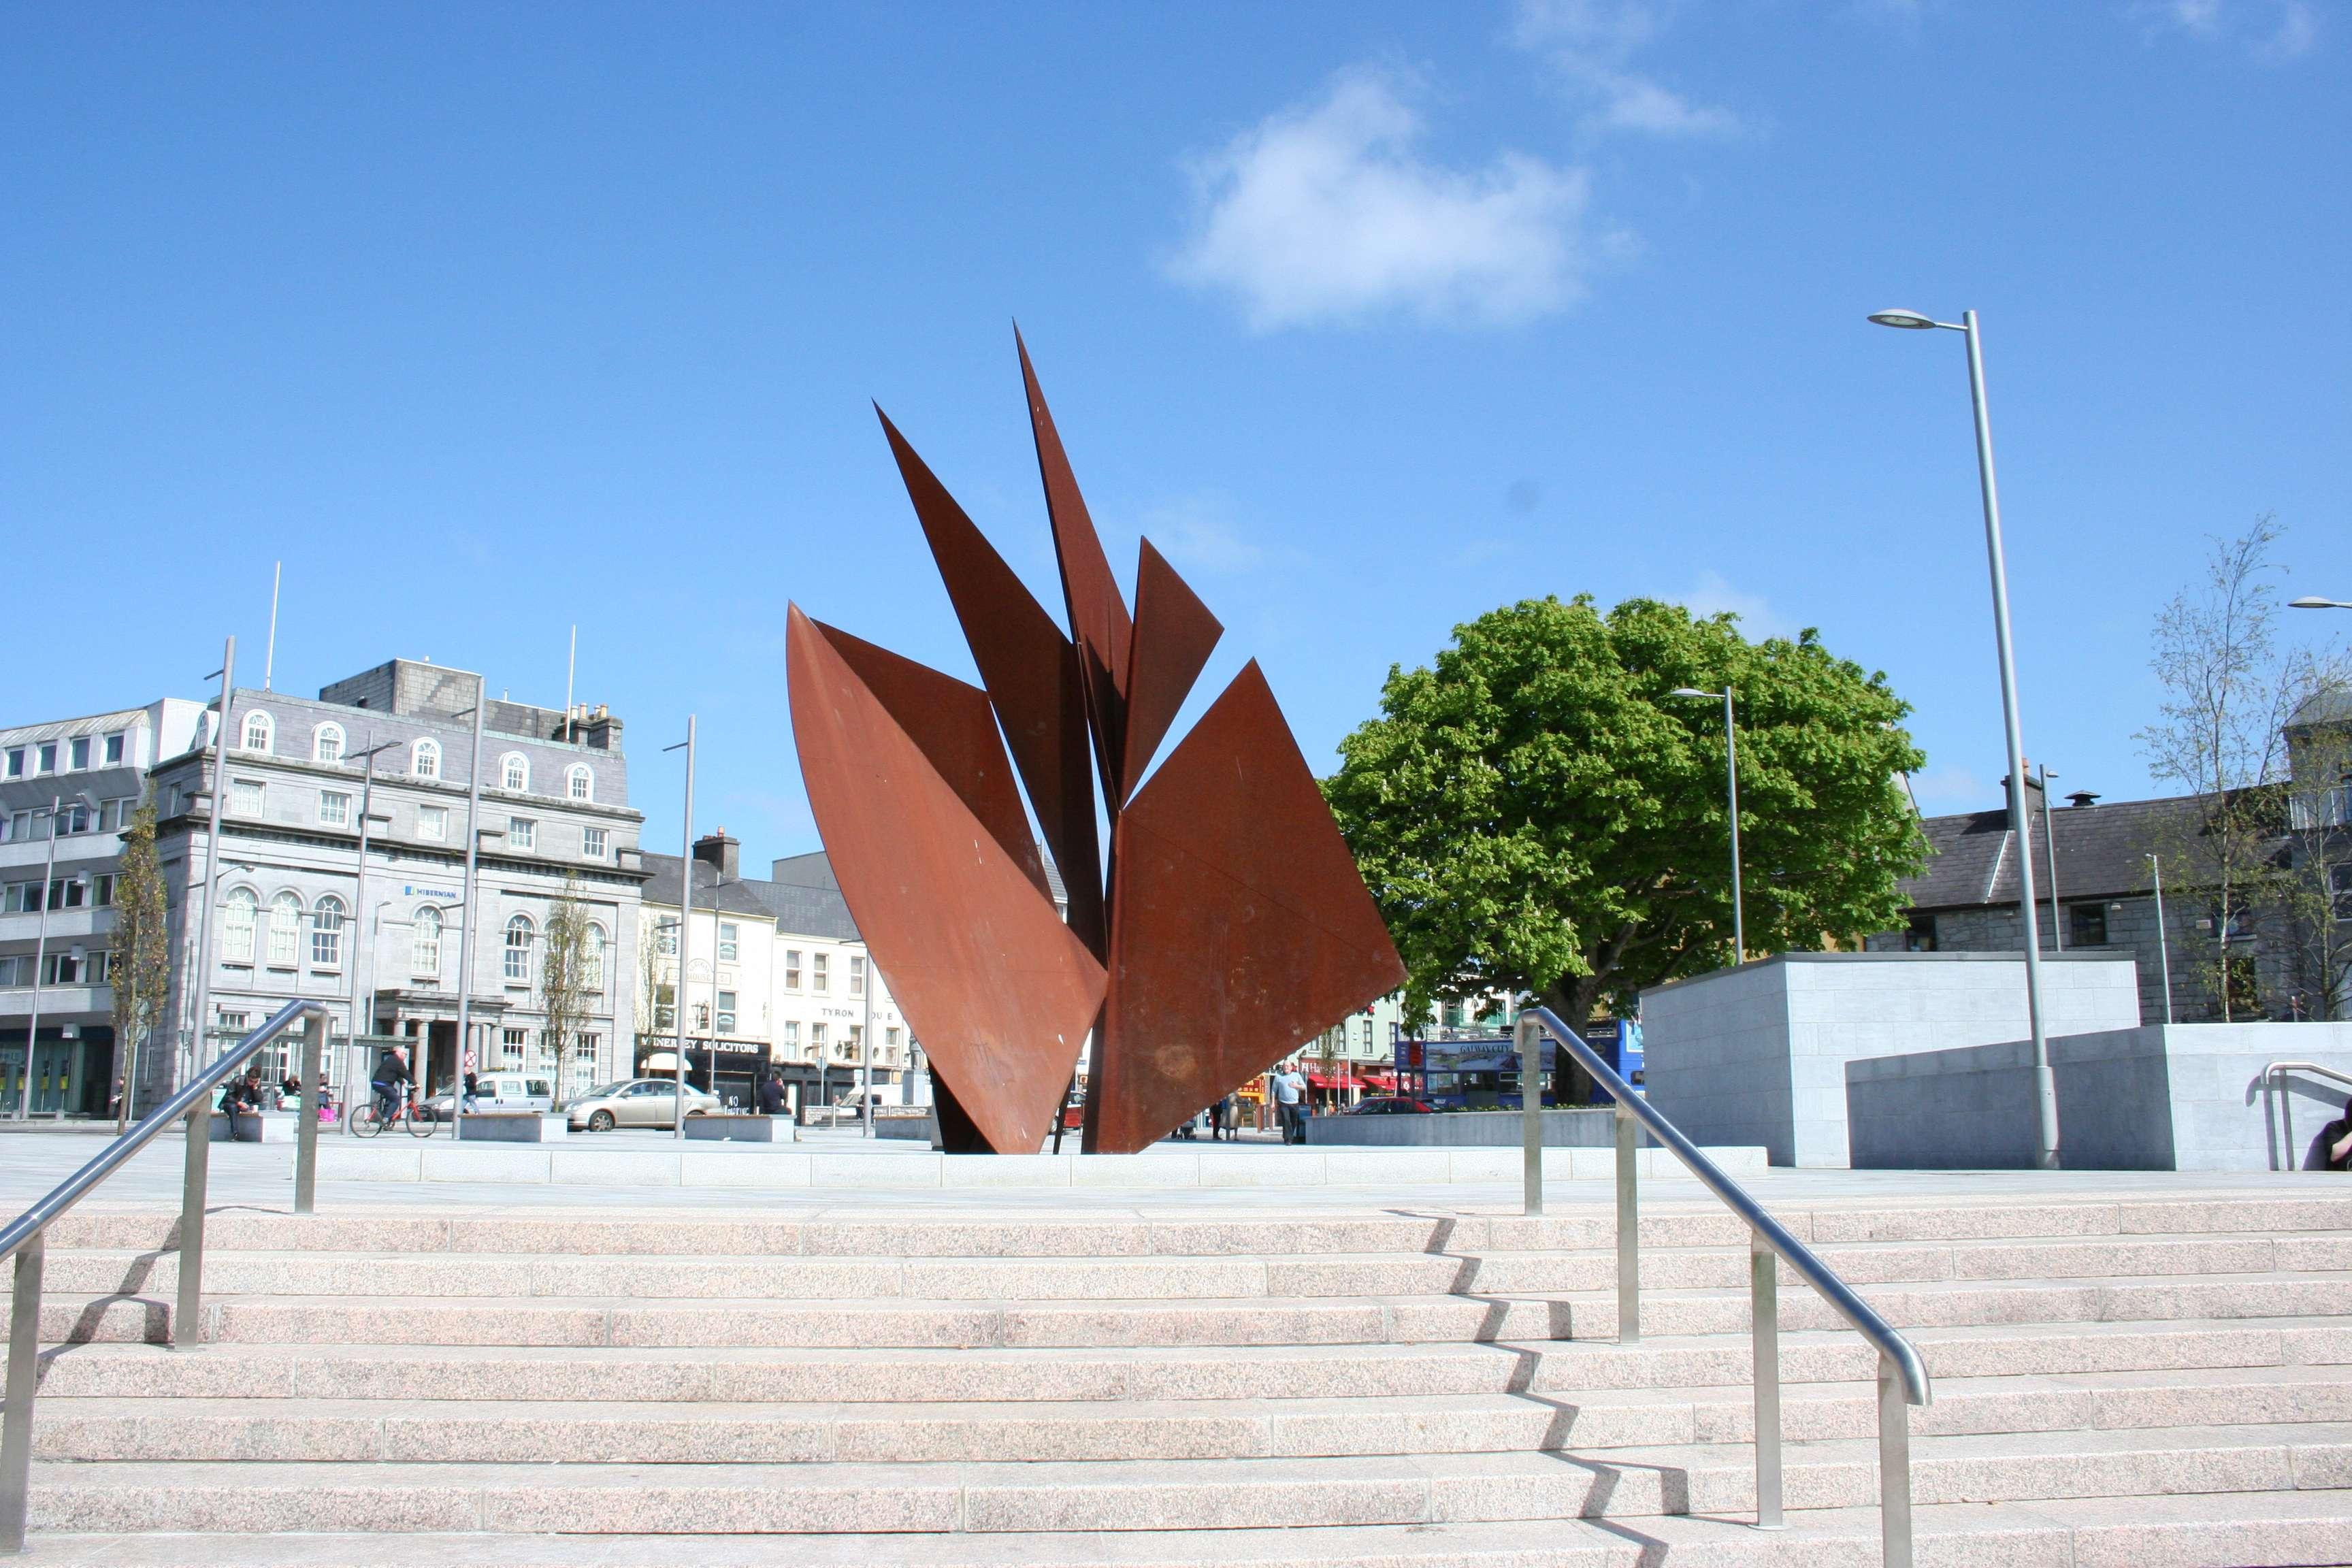 022 Sculpture représentant les voiles des Hookers, Eyre Square, Galway le 28 04